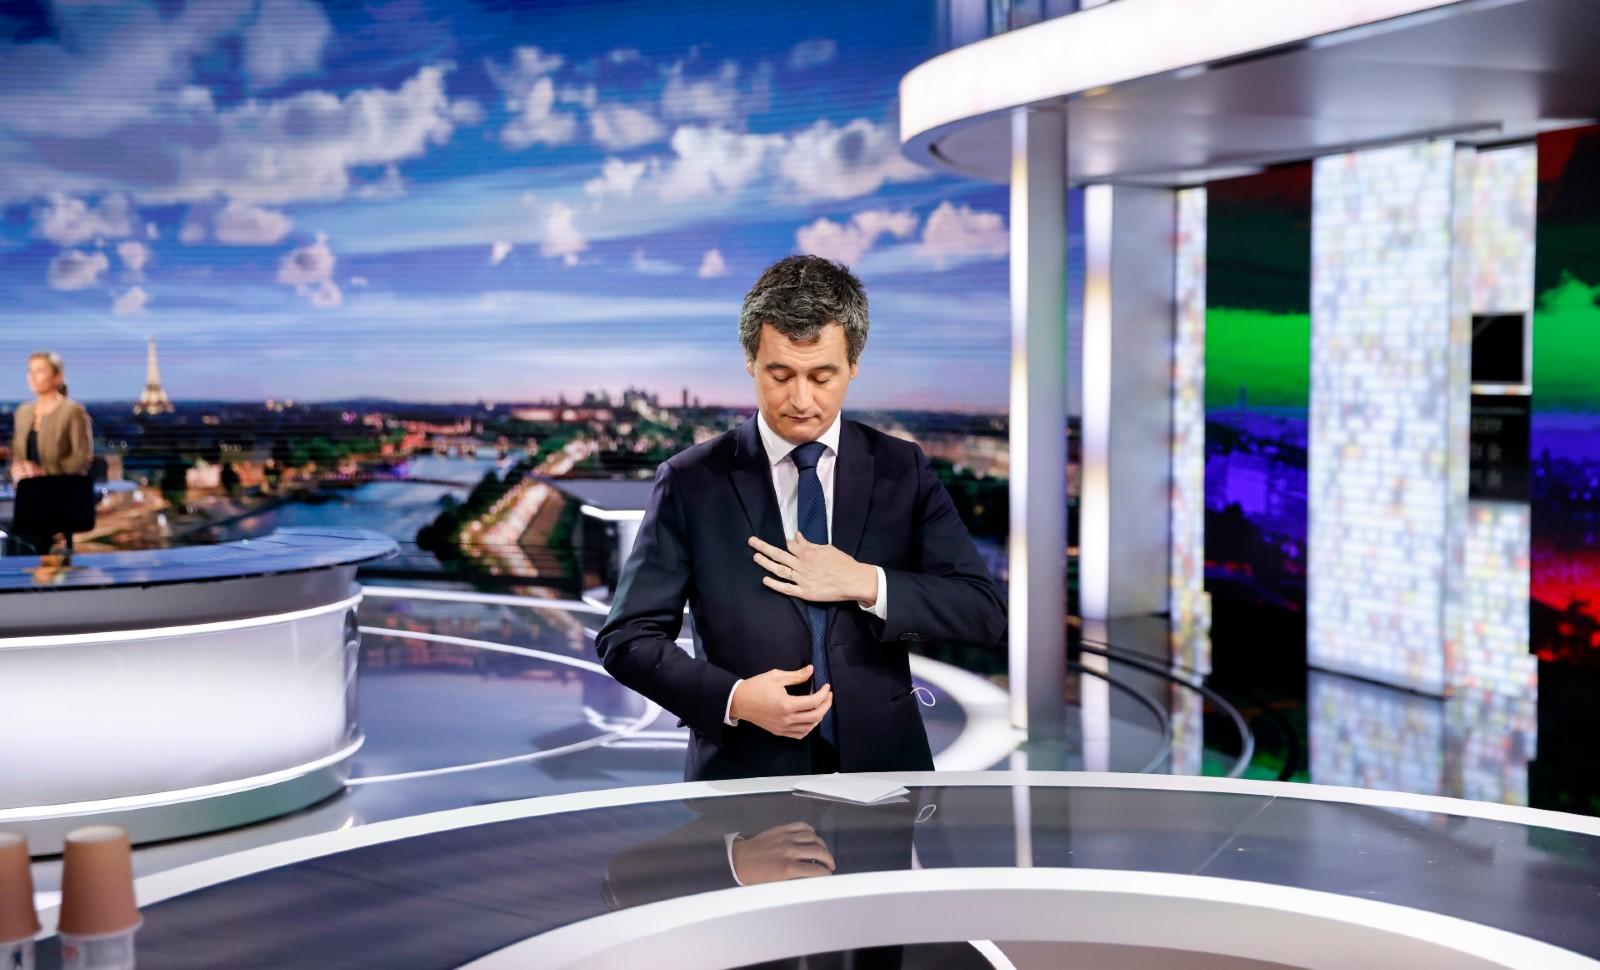 Gerald Darmanin photographié avant son entretien au journal de 20 heures de France 2, le 26 novembre 2020 © Thomas COEX / AFP.